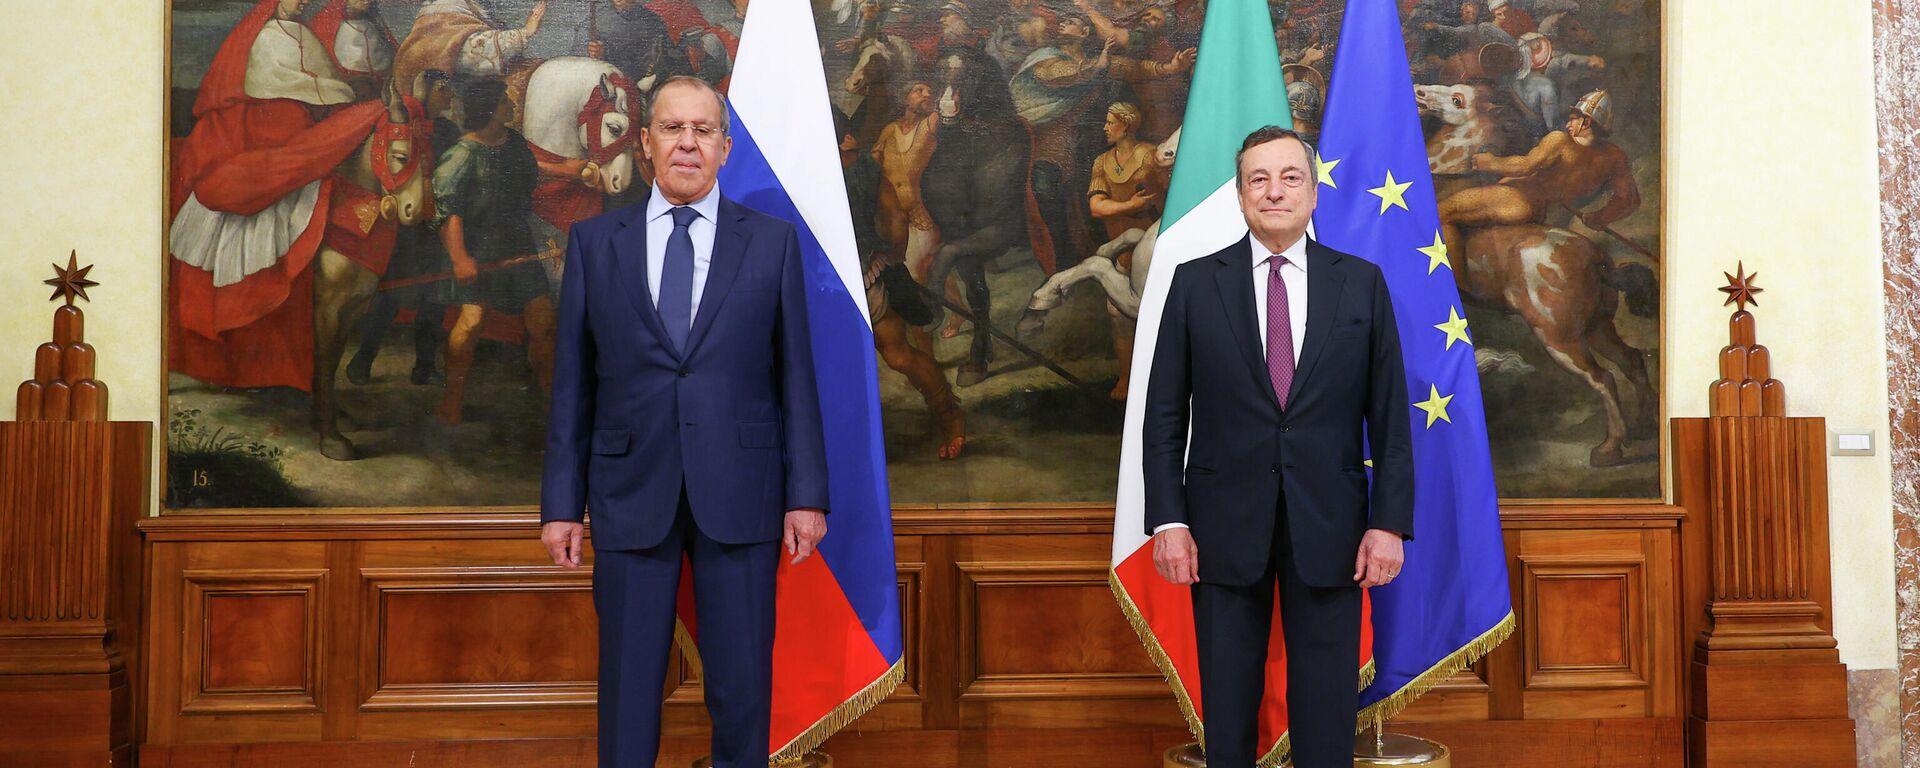 Il premier italiano Mario Draghi riceve a Palazzo Chigi il Ministro degli Affari Esteri russo Sergey Lavrov - Sputnik Italia, 1920, 27.08.2021